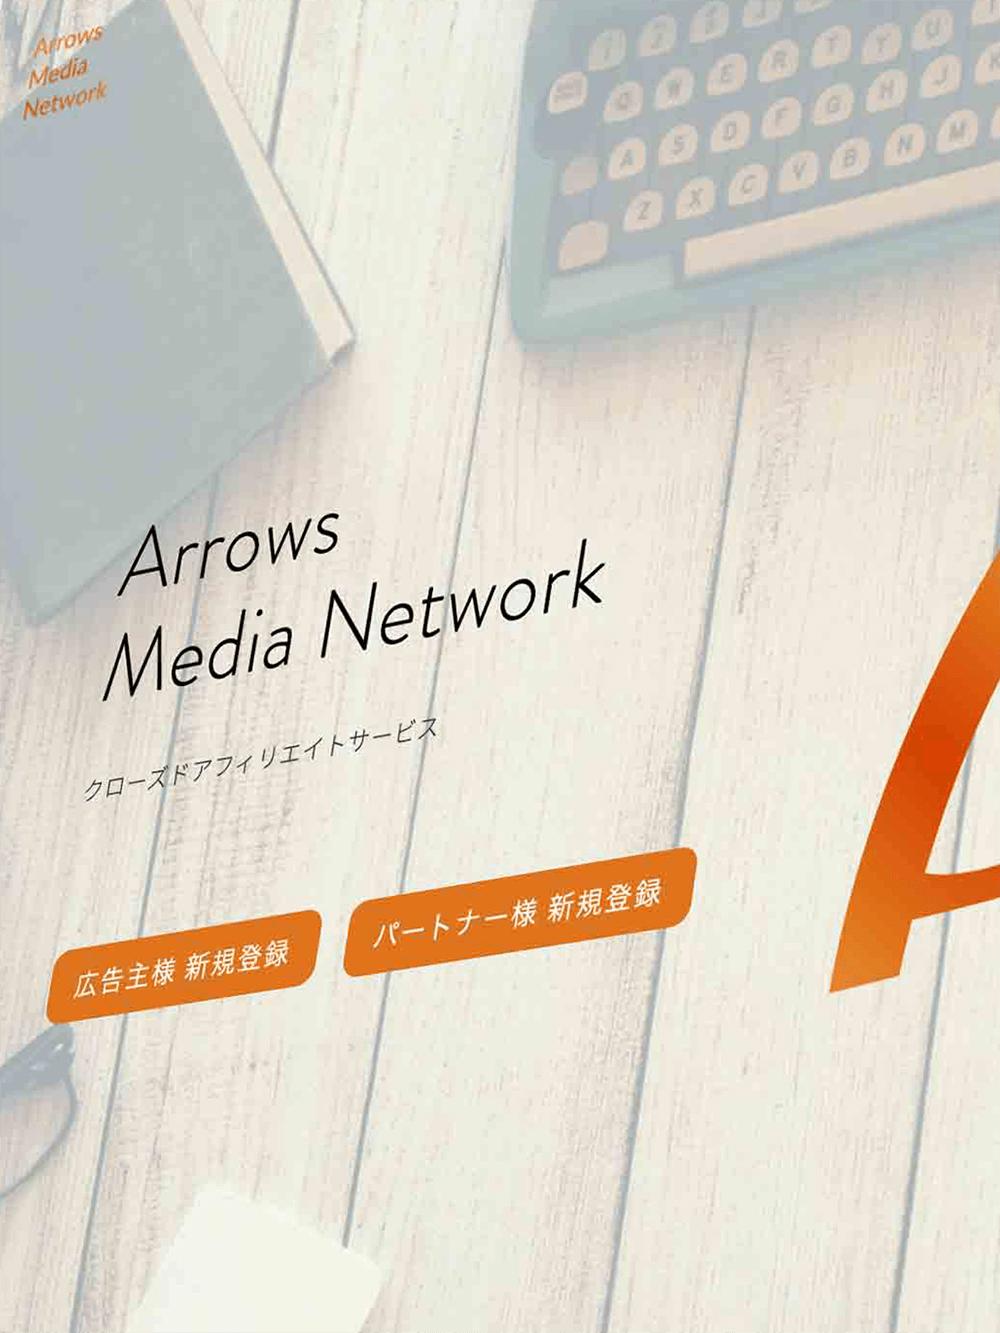 ASP事業「arrows」